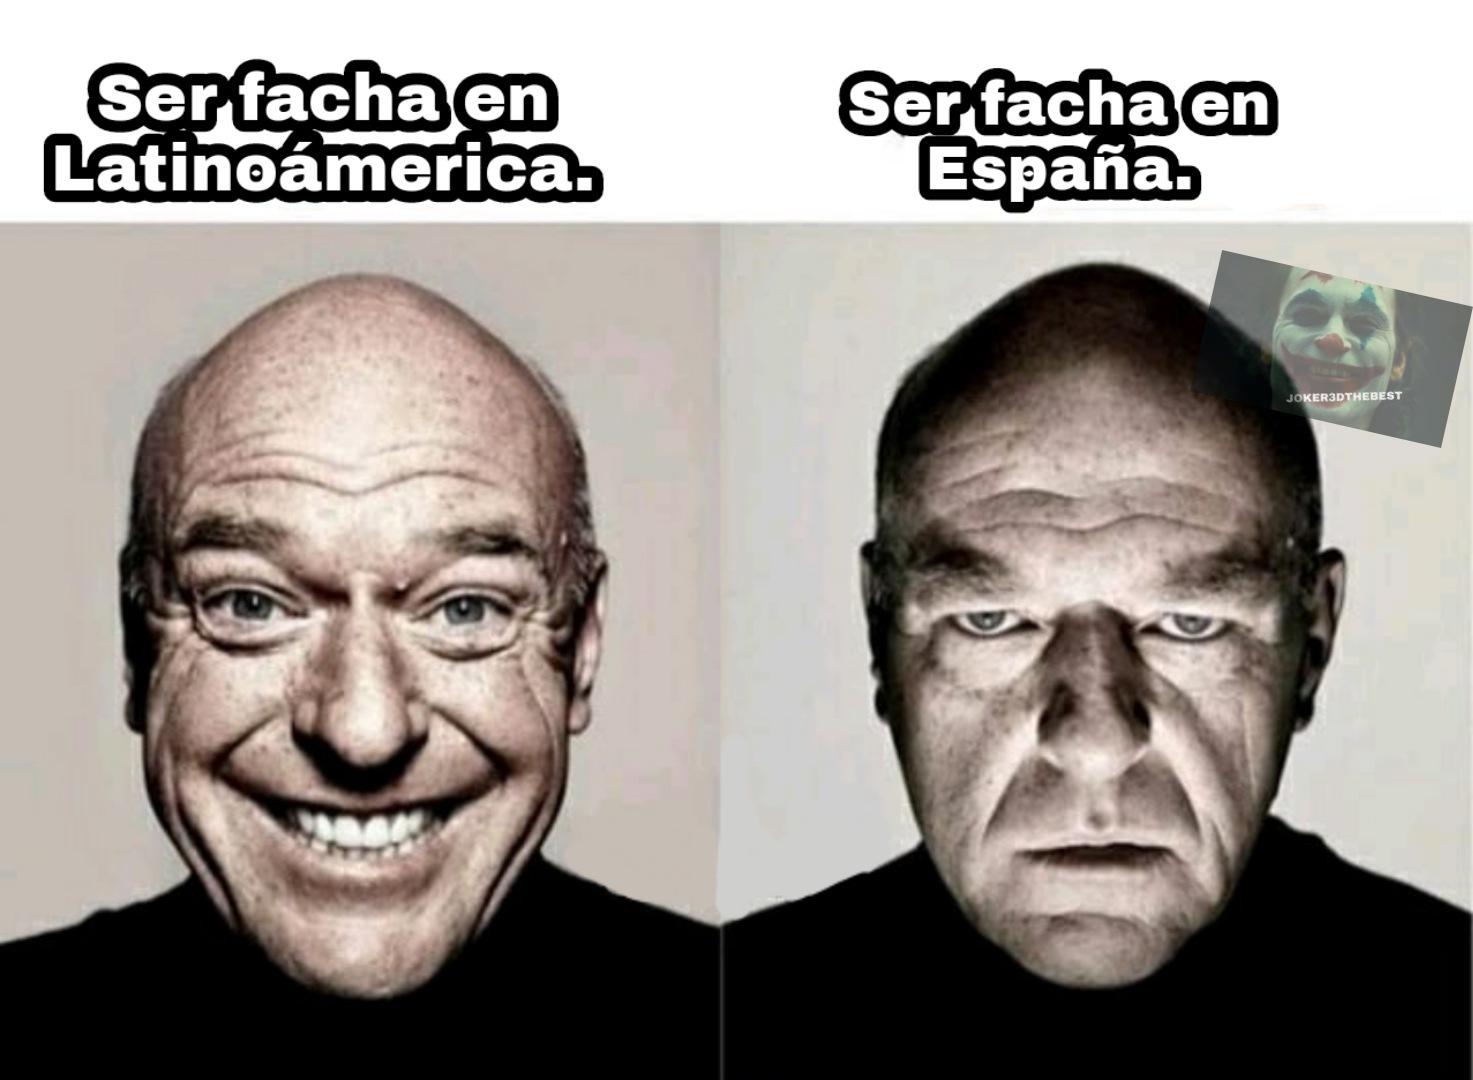 En España facha=fascista - meme